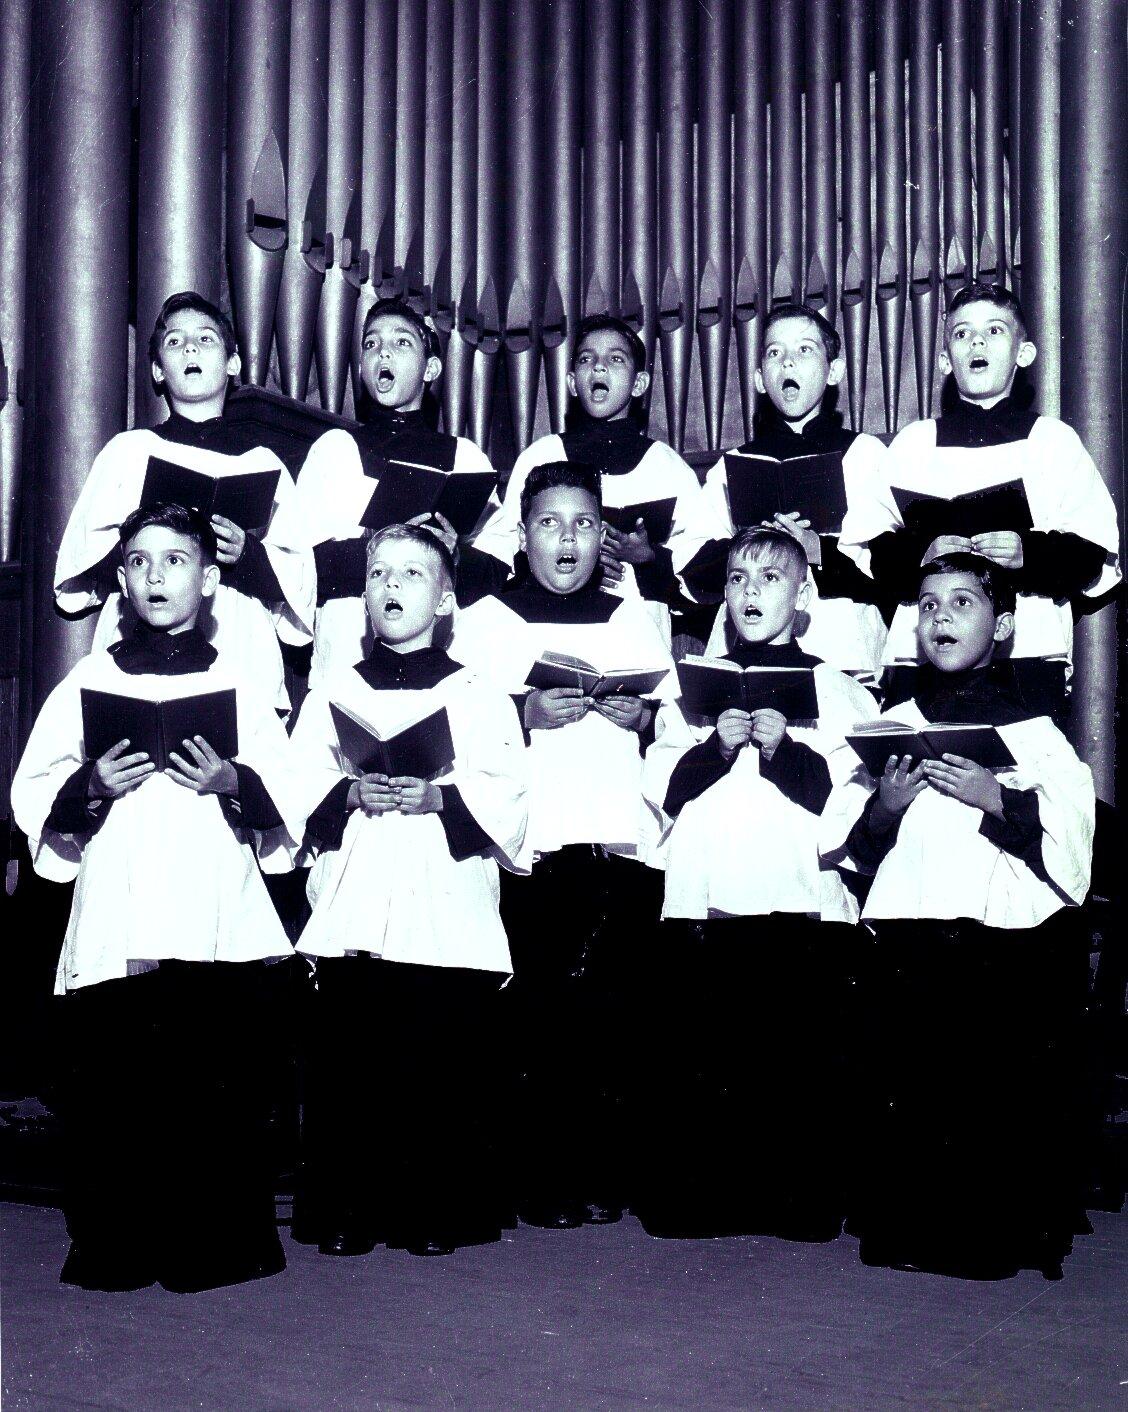 El coro de pequeños cantores del santo cristo fue uno de los coros de